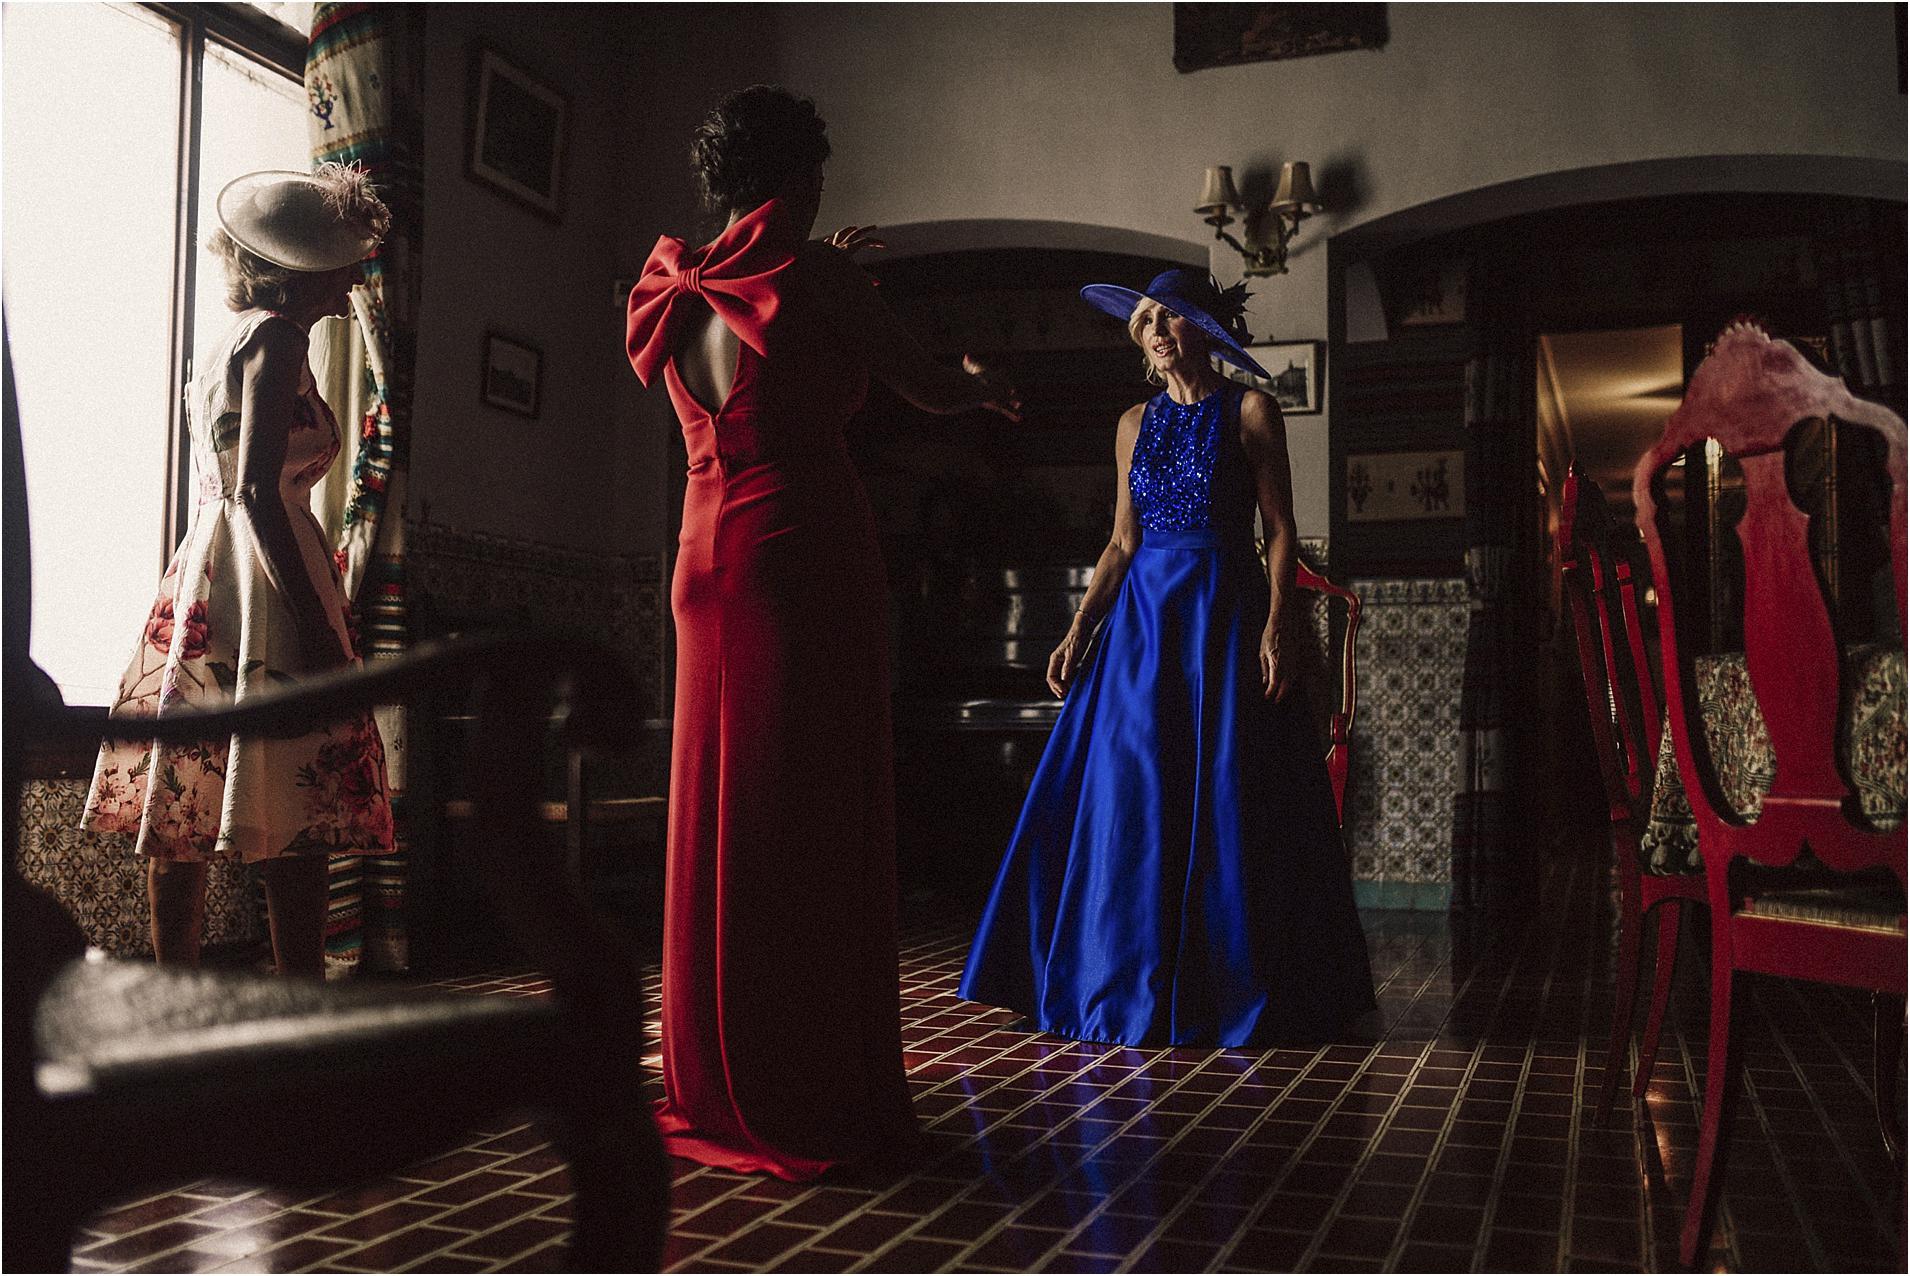 Fotografos-de-boda-donostia-zaragoza-san-sebastian-destination-wedding-photographer-19.jpg